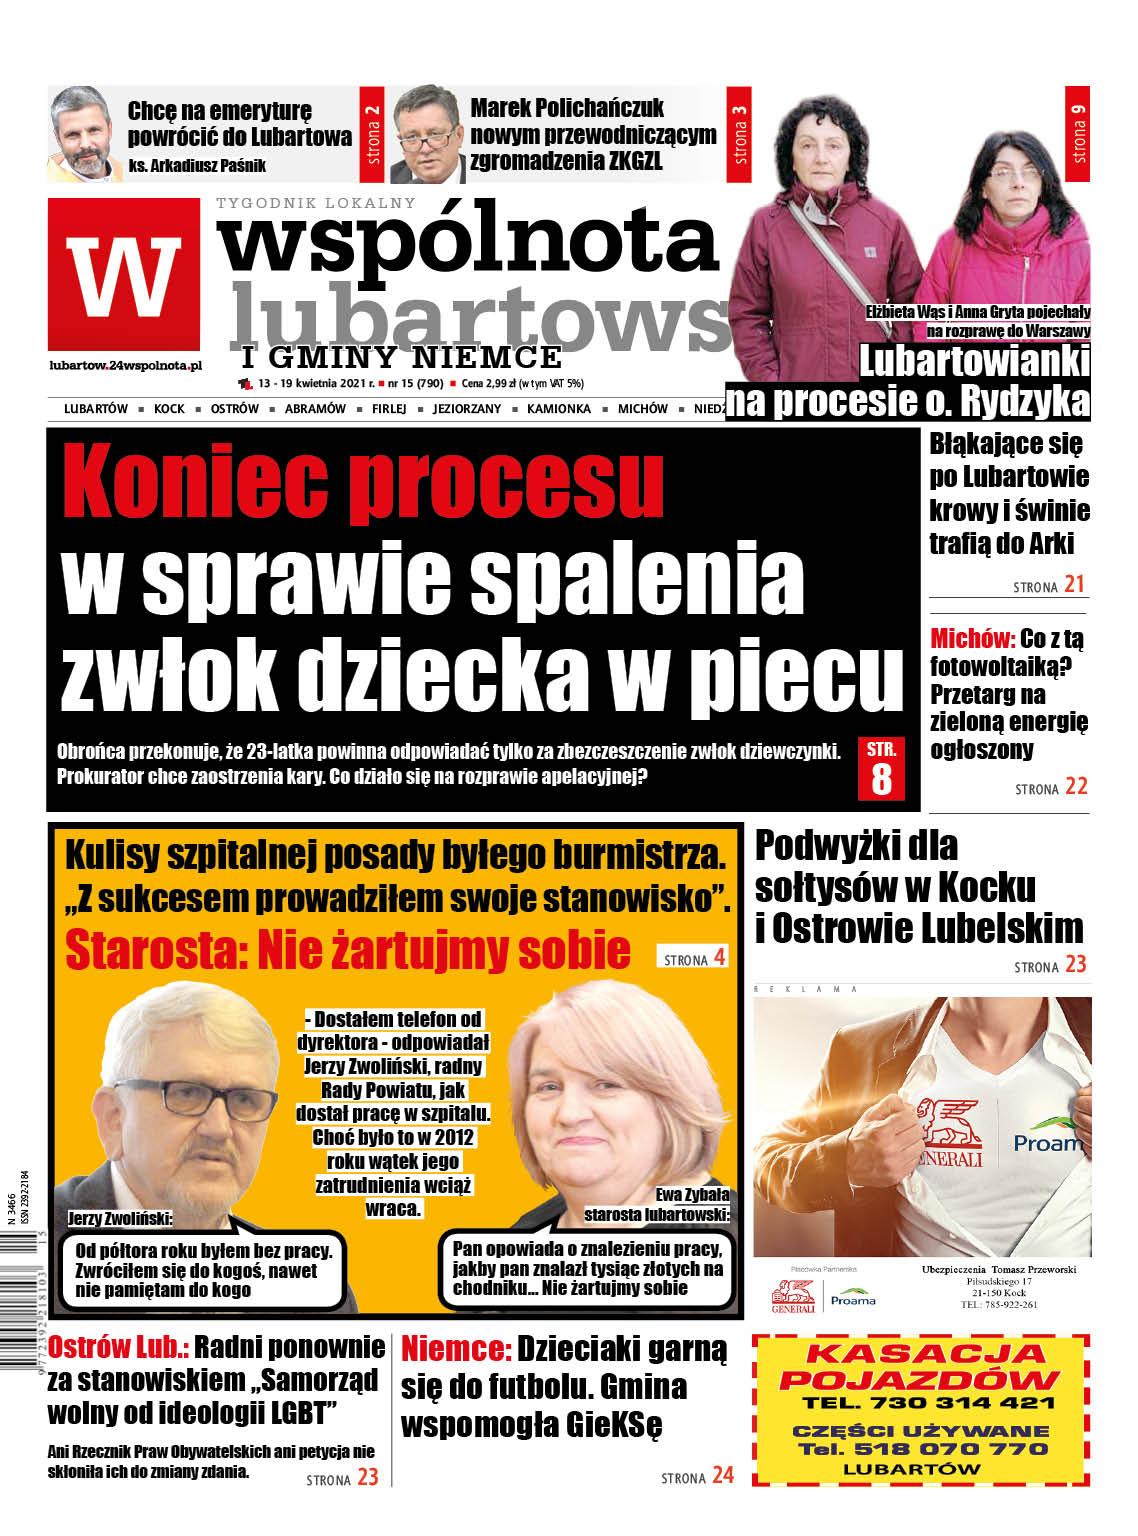 Gmina Lubartów: Koniec procesu w sprawie spalenia zwłok dziecka w piecu - Zdjęcie główne